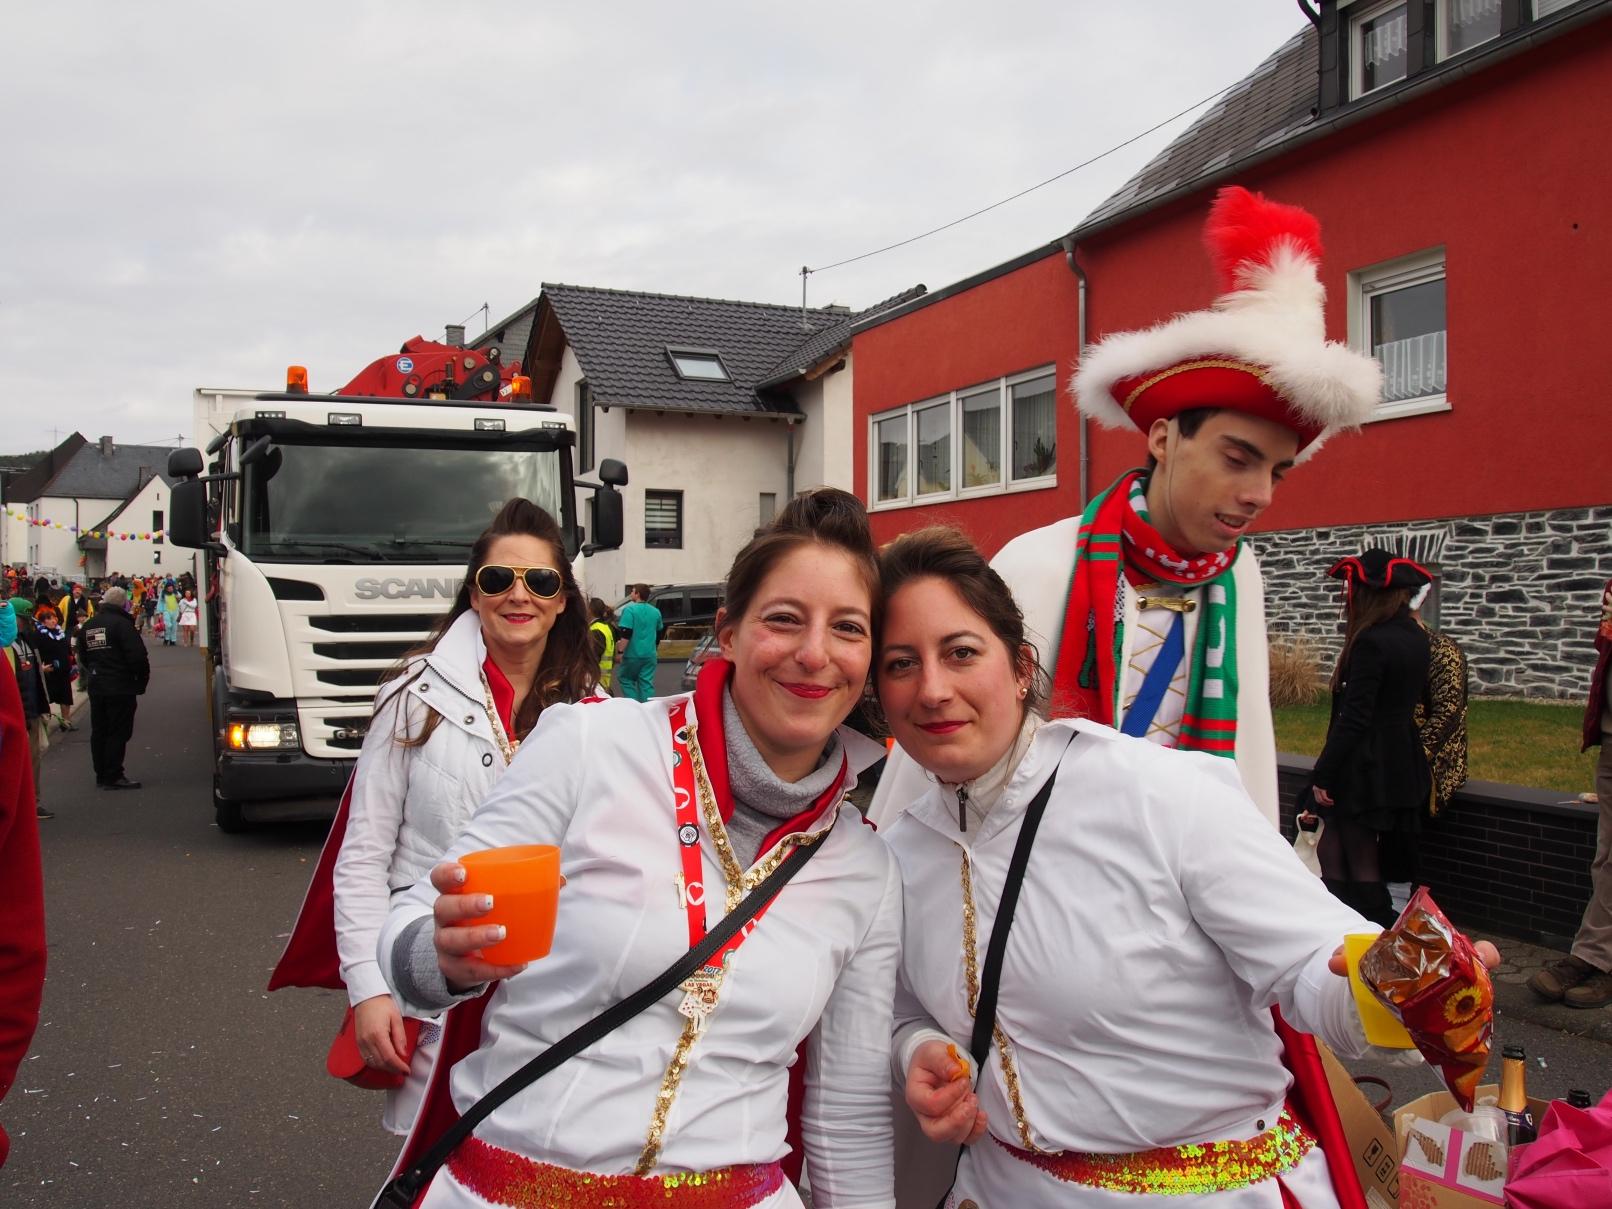 karneval_in_trier38.jpg